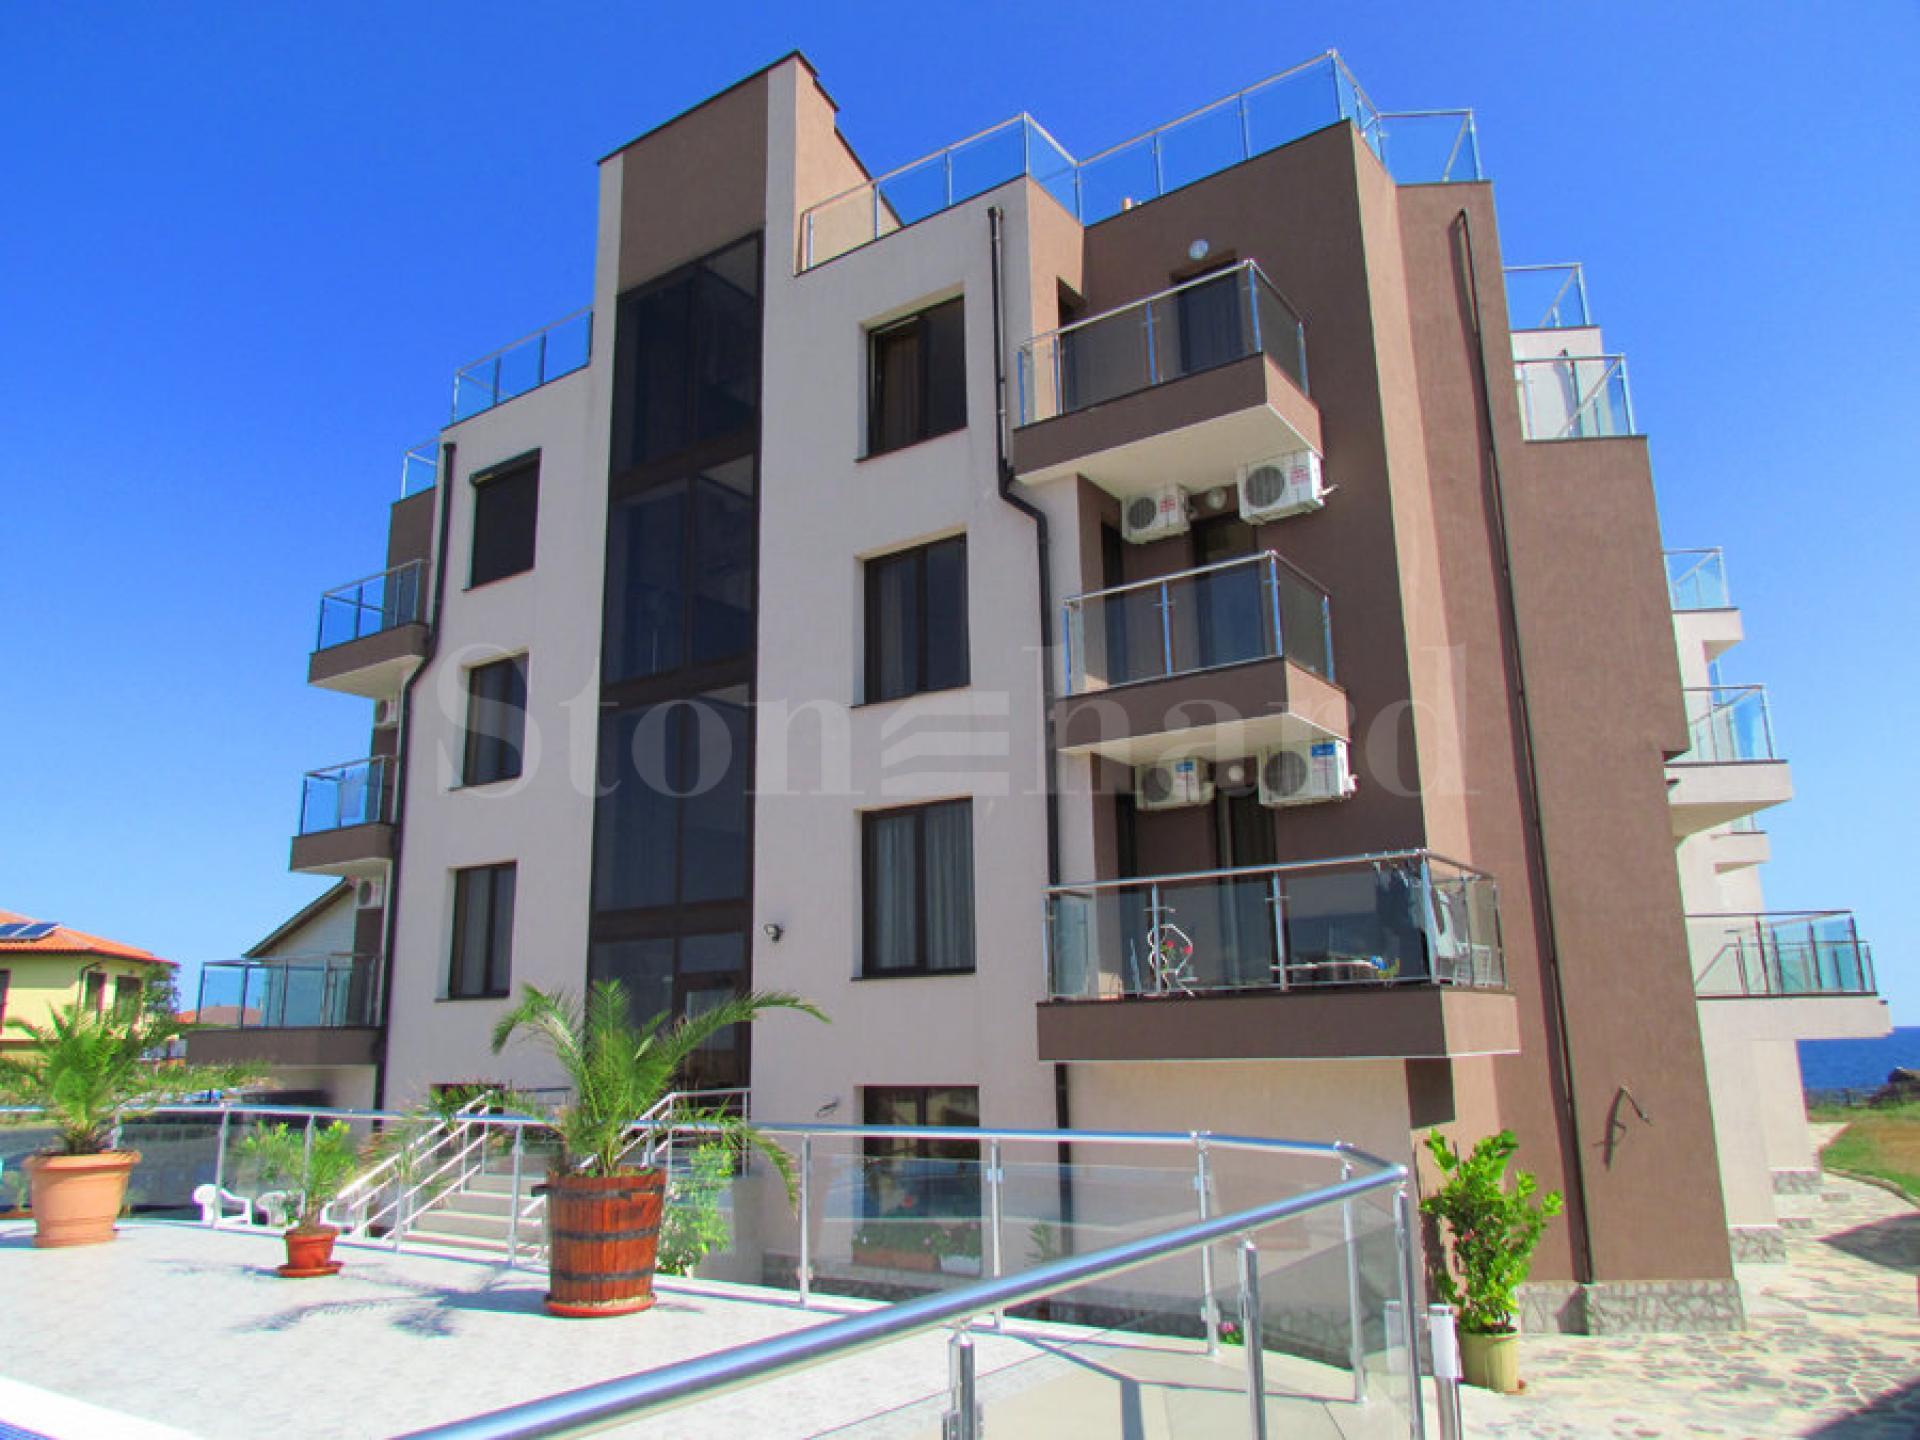 Нови апартаменти на брега на морето в Синеморец1 - Stonehard